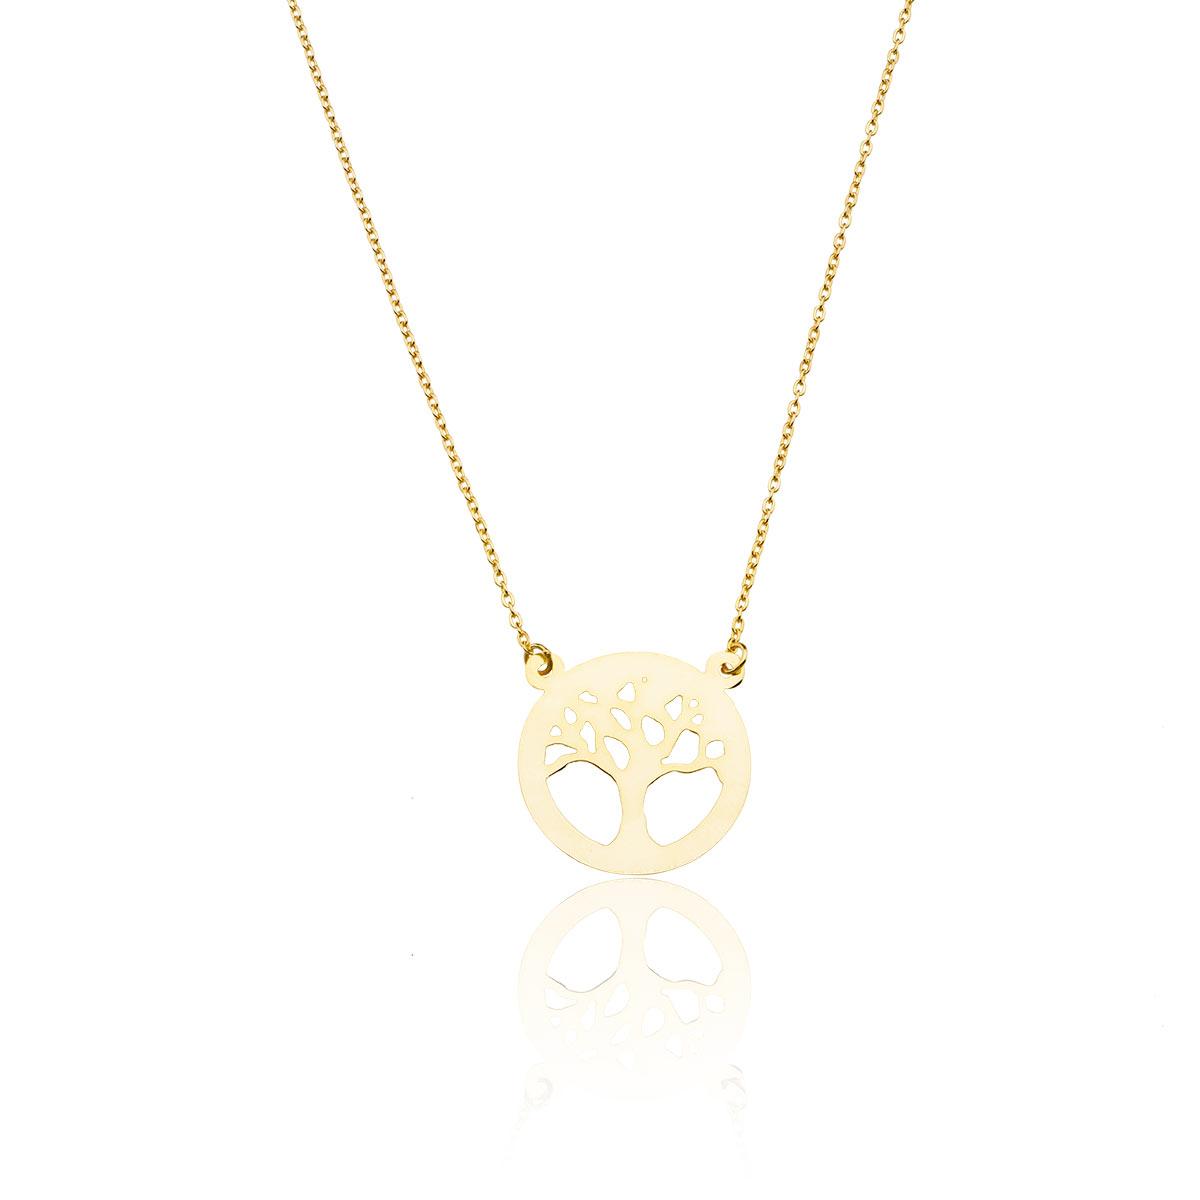 0f20699feab3be Modna biżuteria - Celebrytka , naszyjnik - drzewko szczęścia